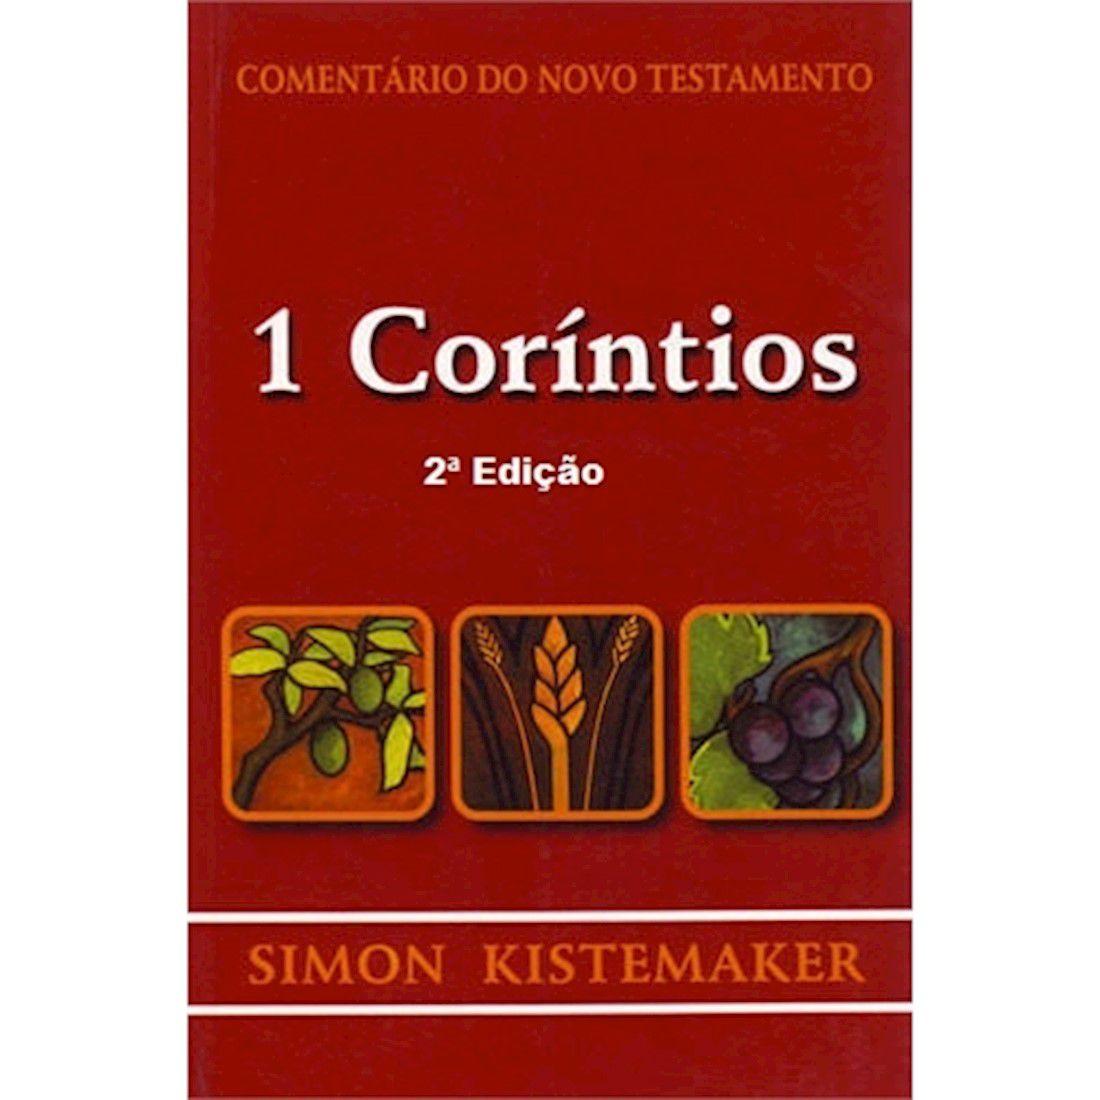 Livro Comentário do Novo Testamento de 1 Coríntios - 2ª edição